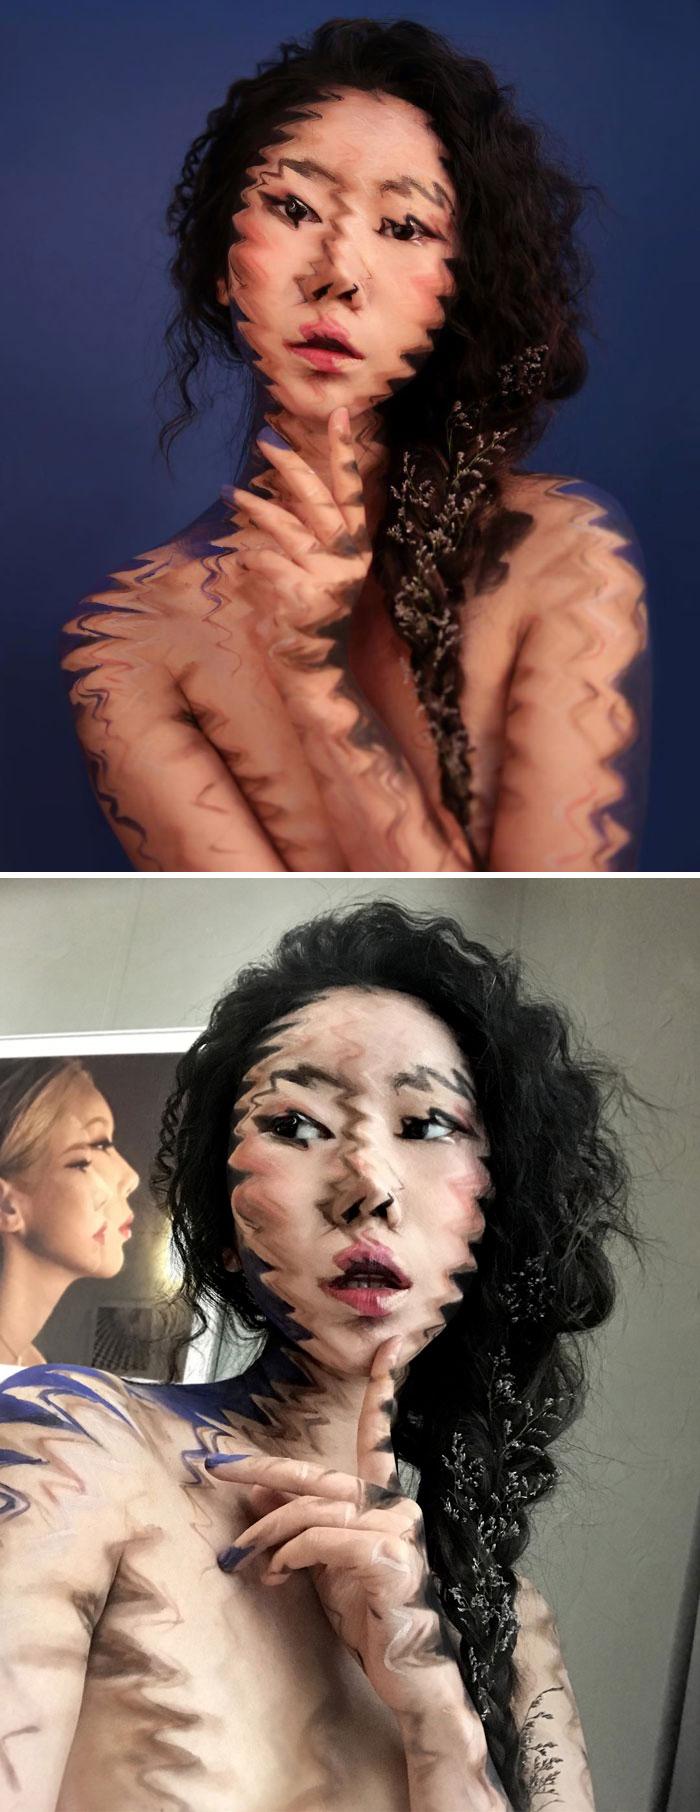 Dain Yoon Optical Illusion Makeup Blurry Face 2